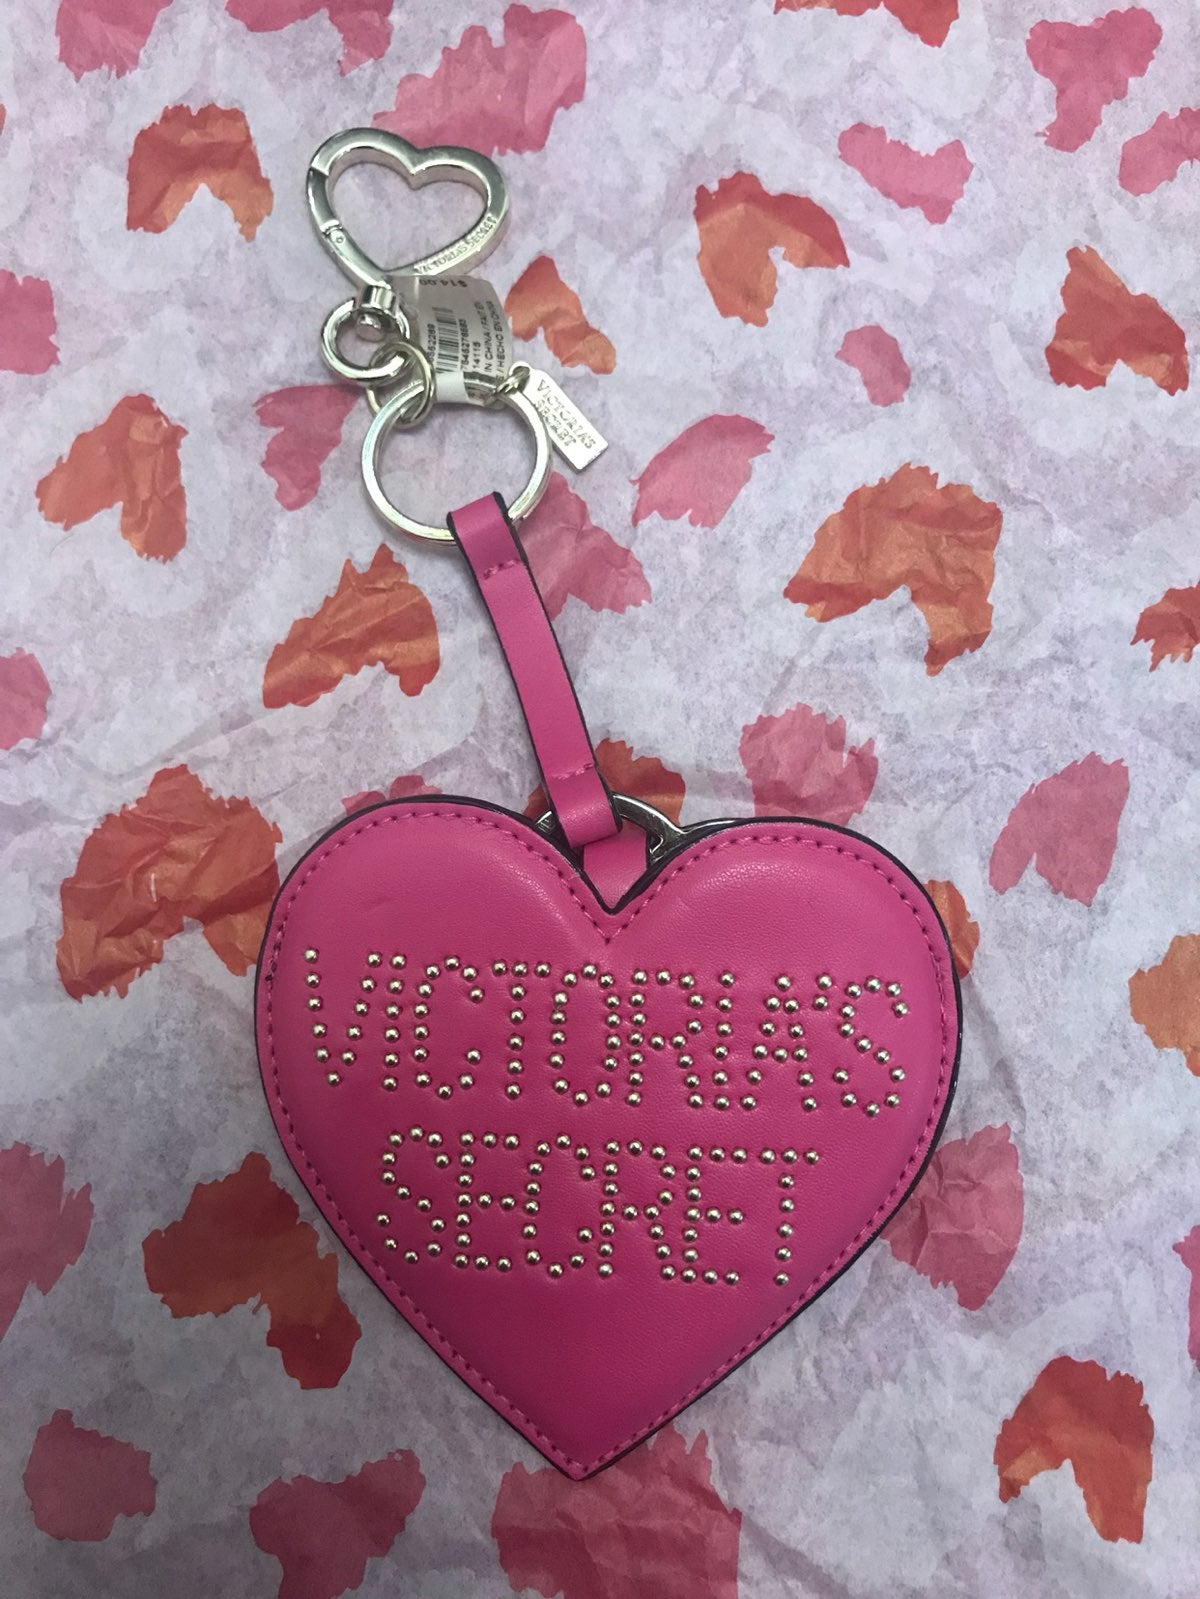 Vs key chain